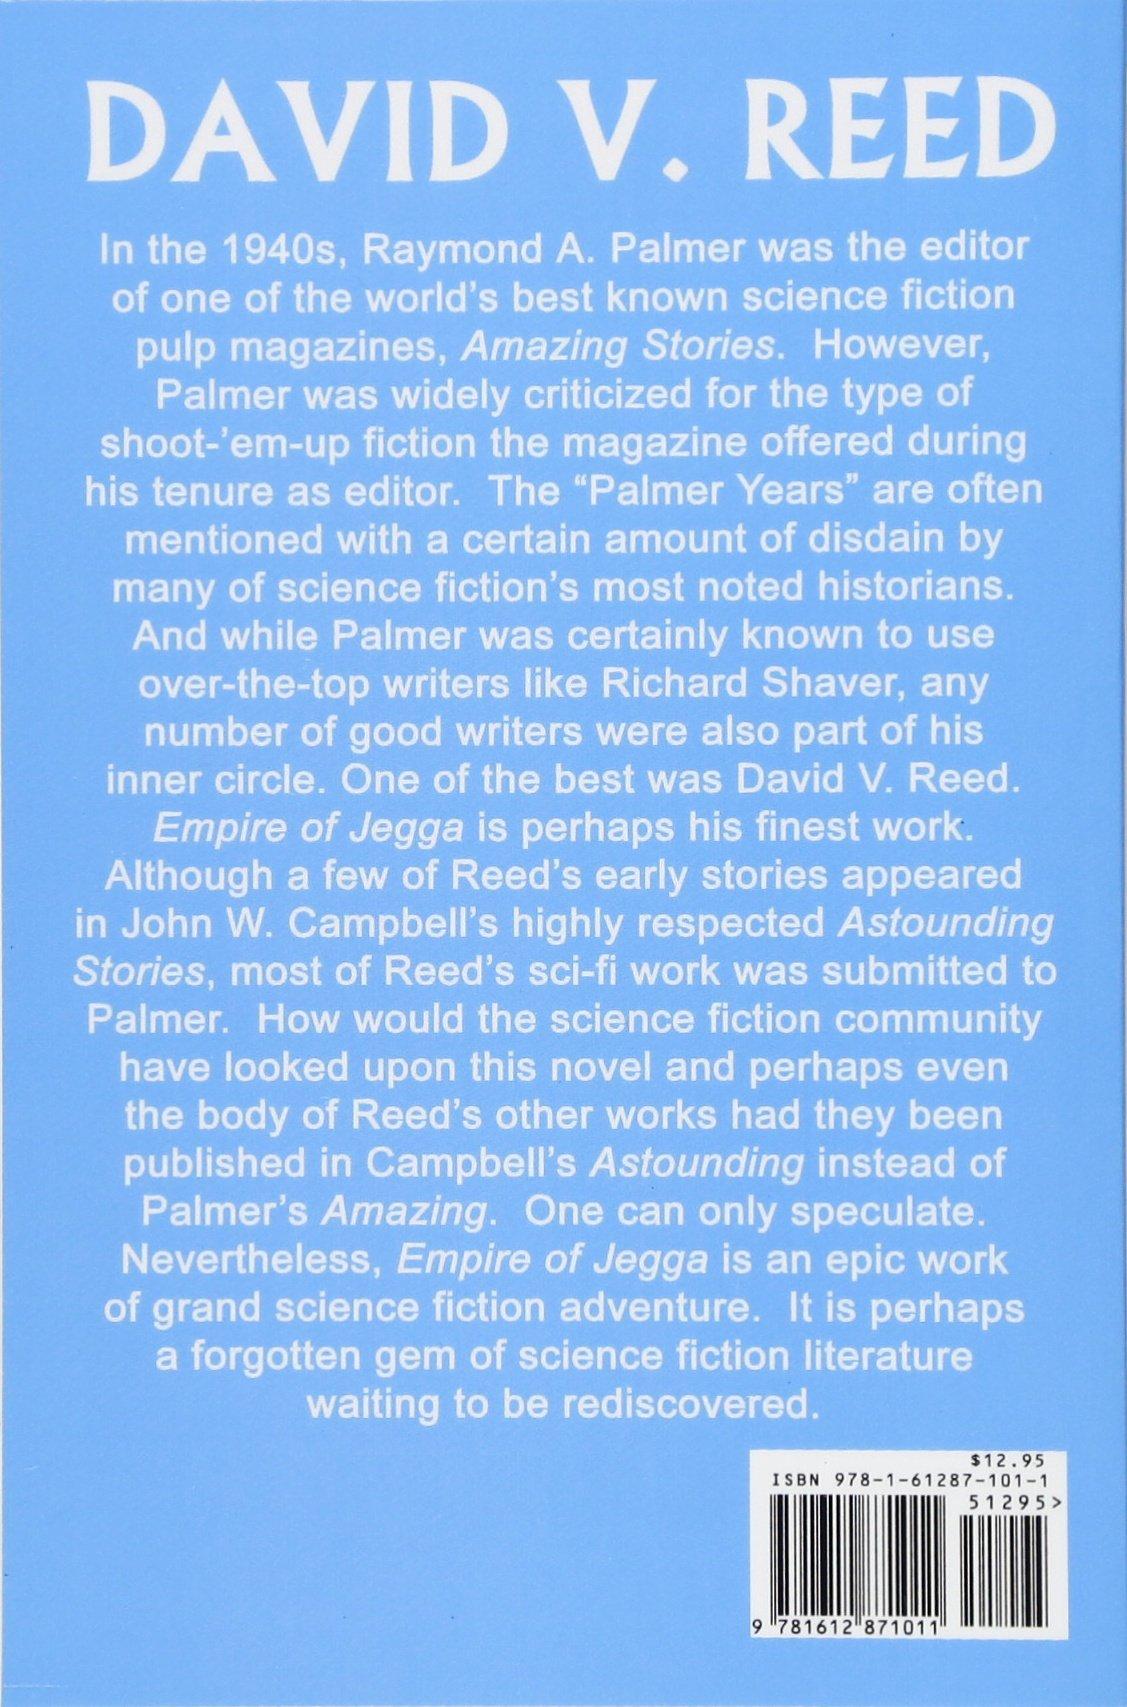 Empire of Jegga by David V. Reed